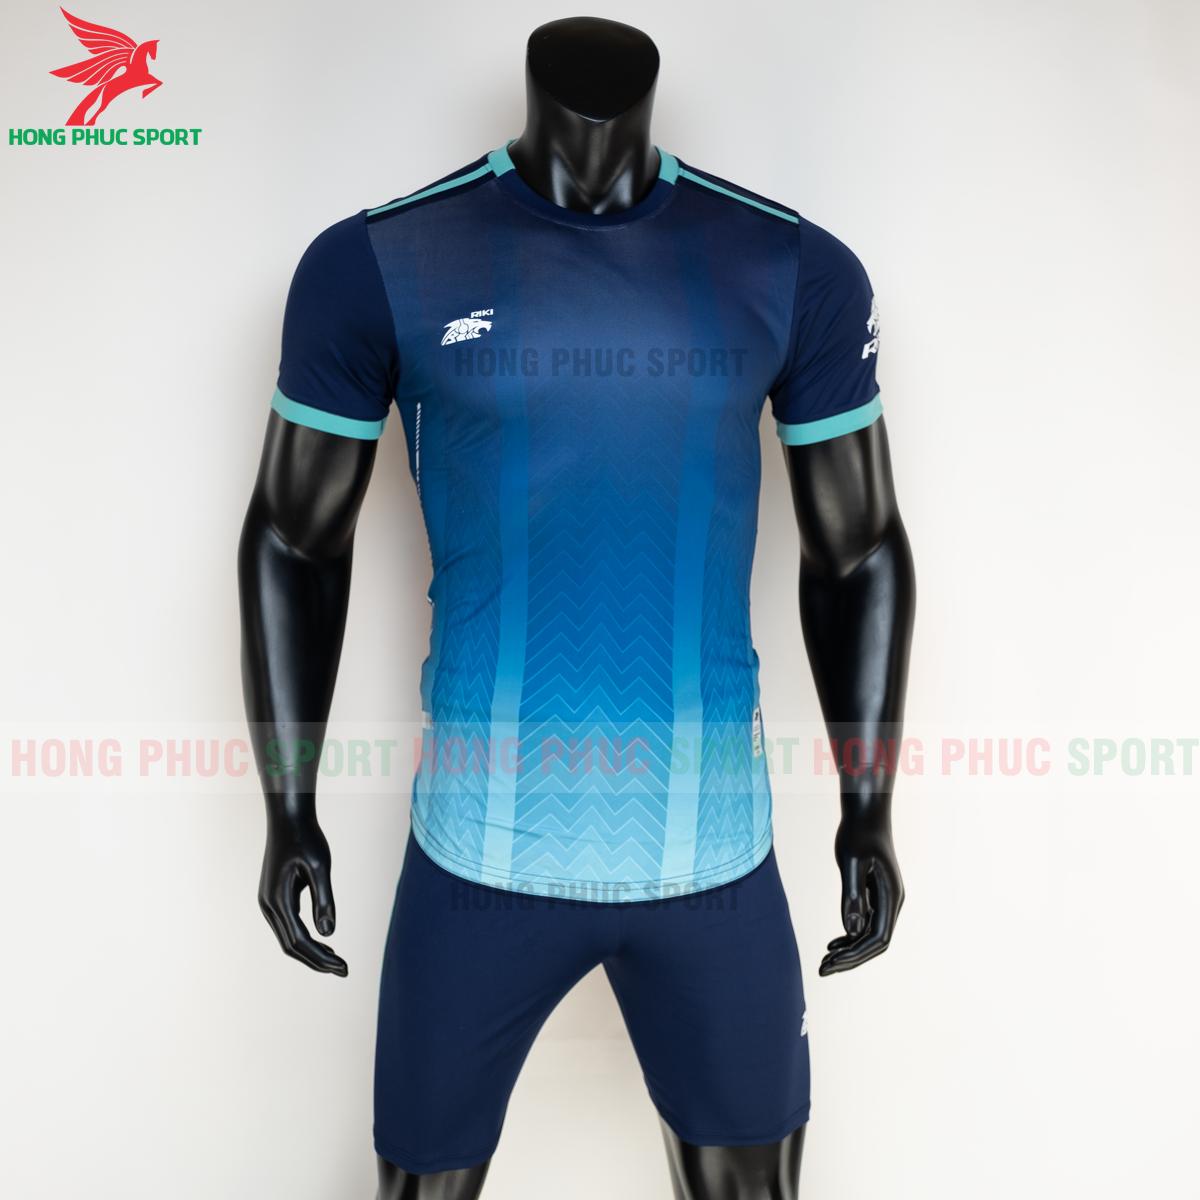 Áo đá banh không logo RIKI FURIOR 2021 màu Xanh dương(trước)